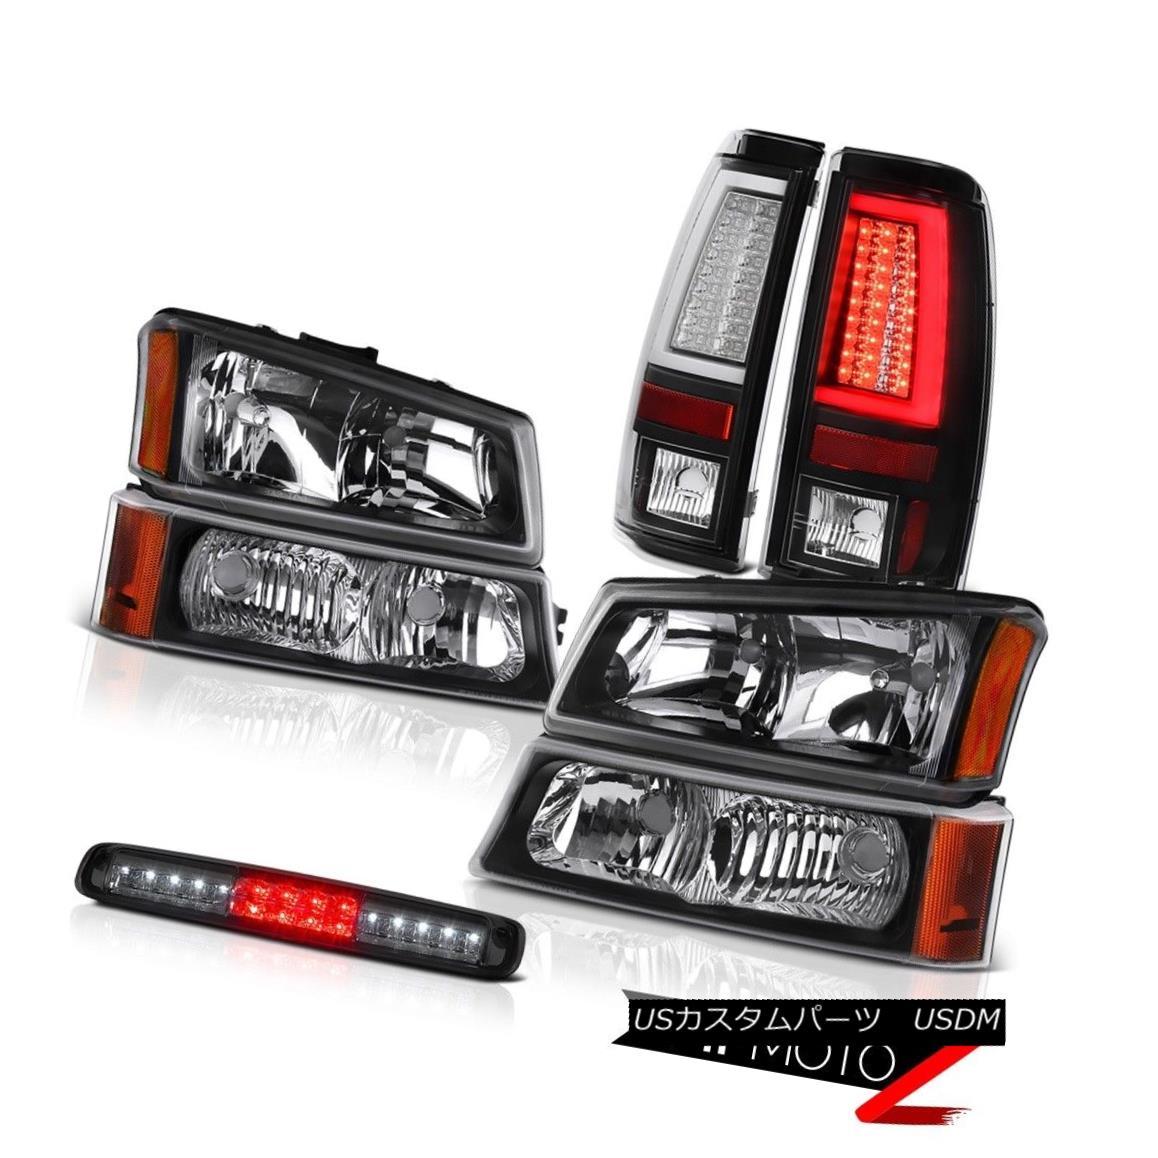 テールライト 03-06 Silverado Matte Black Tail Lamps Headlights Roof Brake Lamp